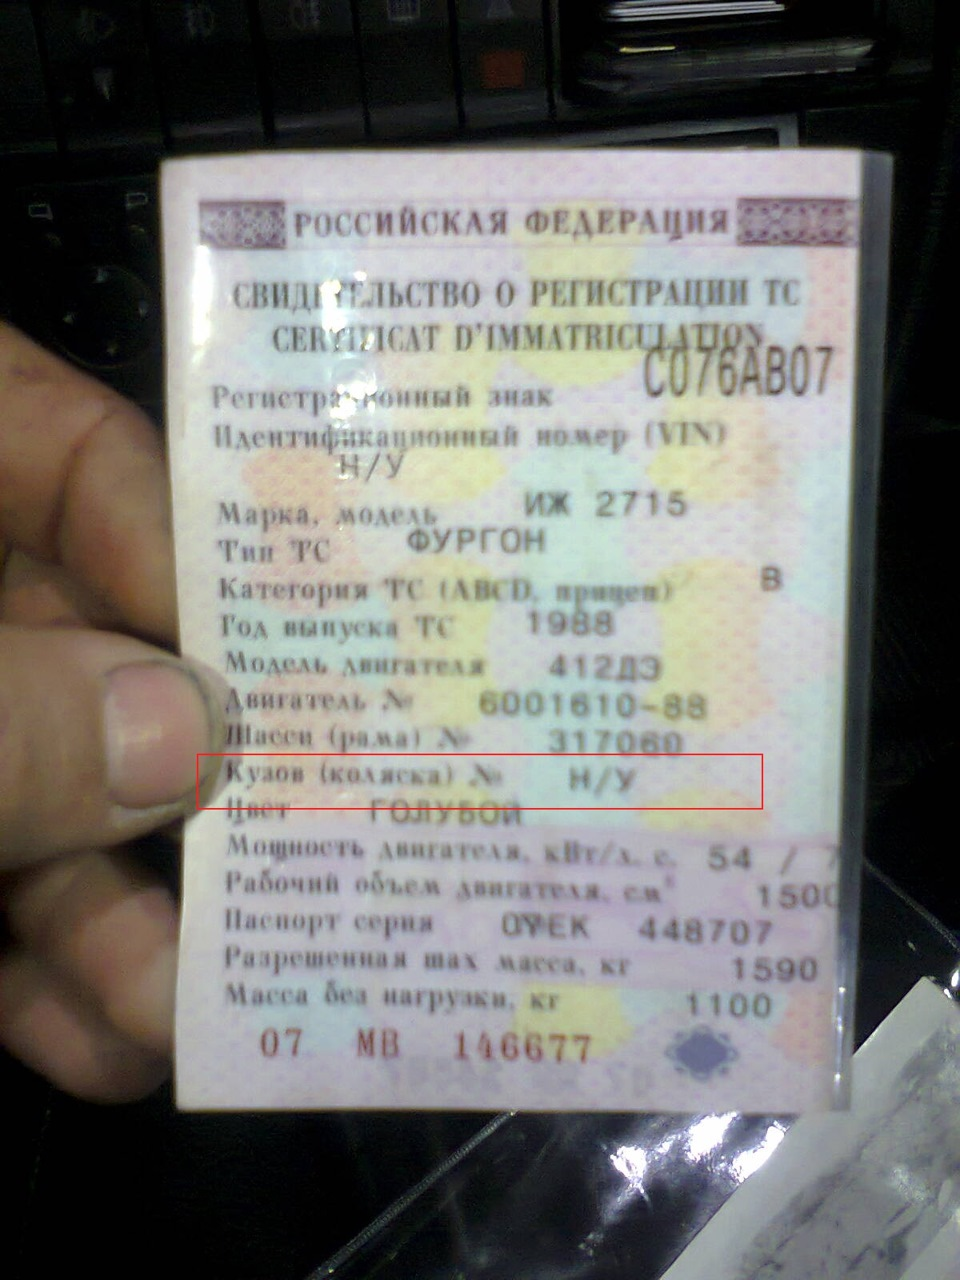 таиф нк официальный сайт вакансии нижнекамск